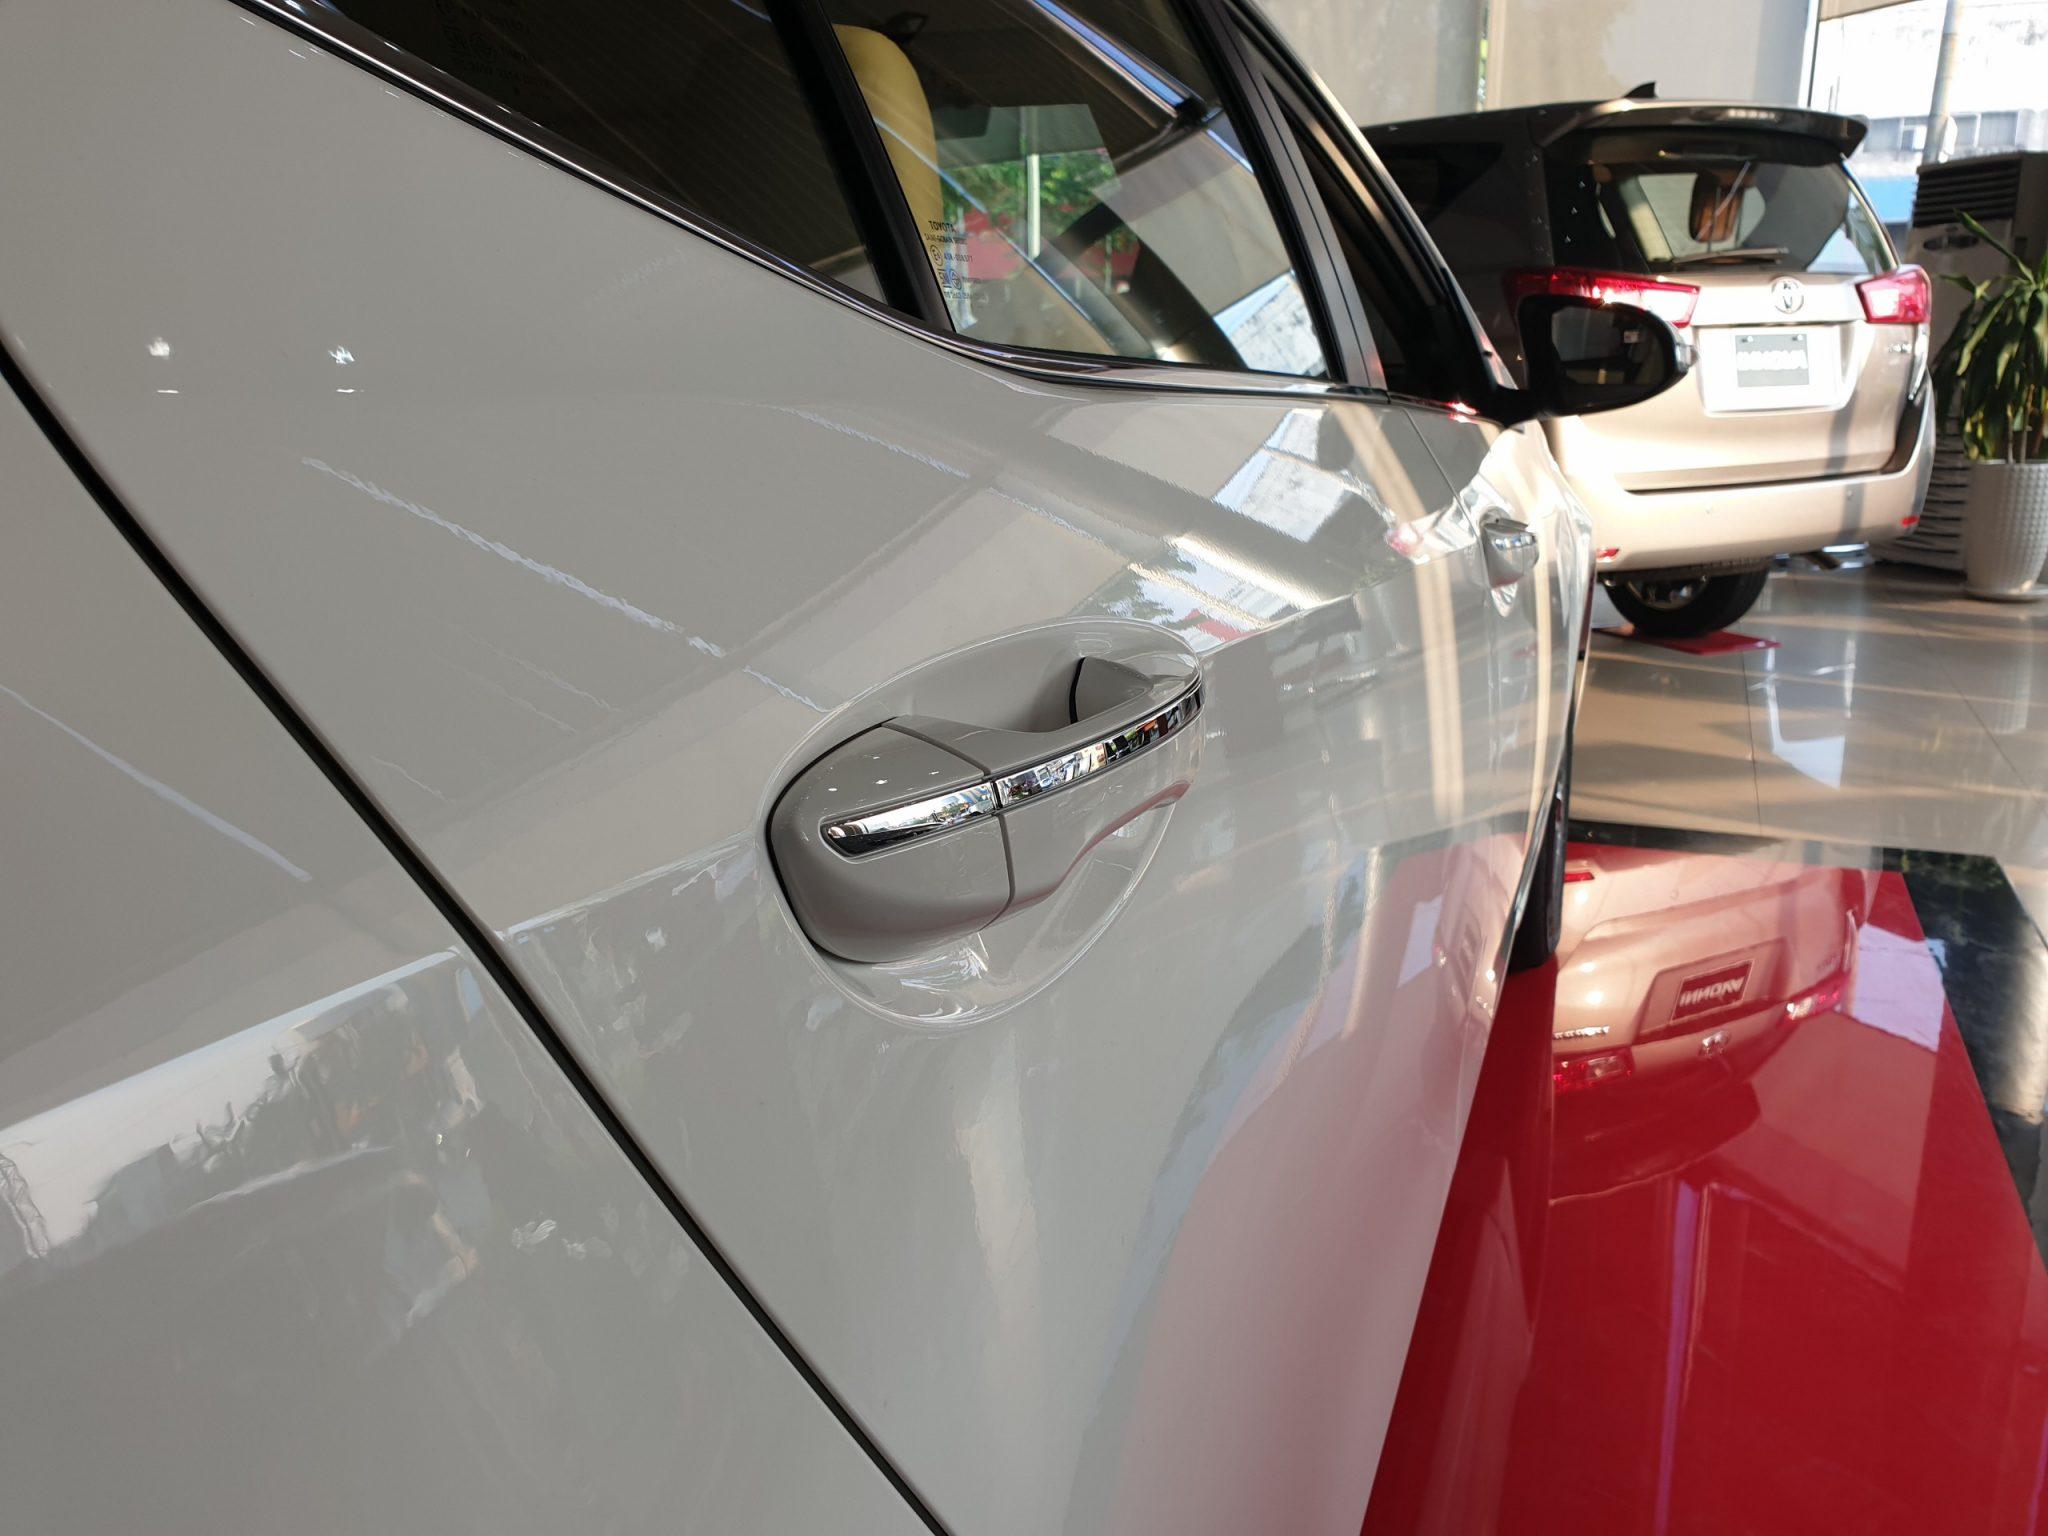 Altis 1.8 G CVT ảnh 13 - Altis 1.8 G CVT [hienthinam]: khuyến mãi và giá xe cập nhật mới